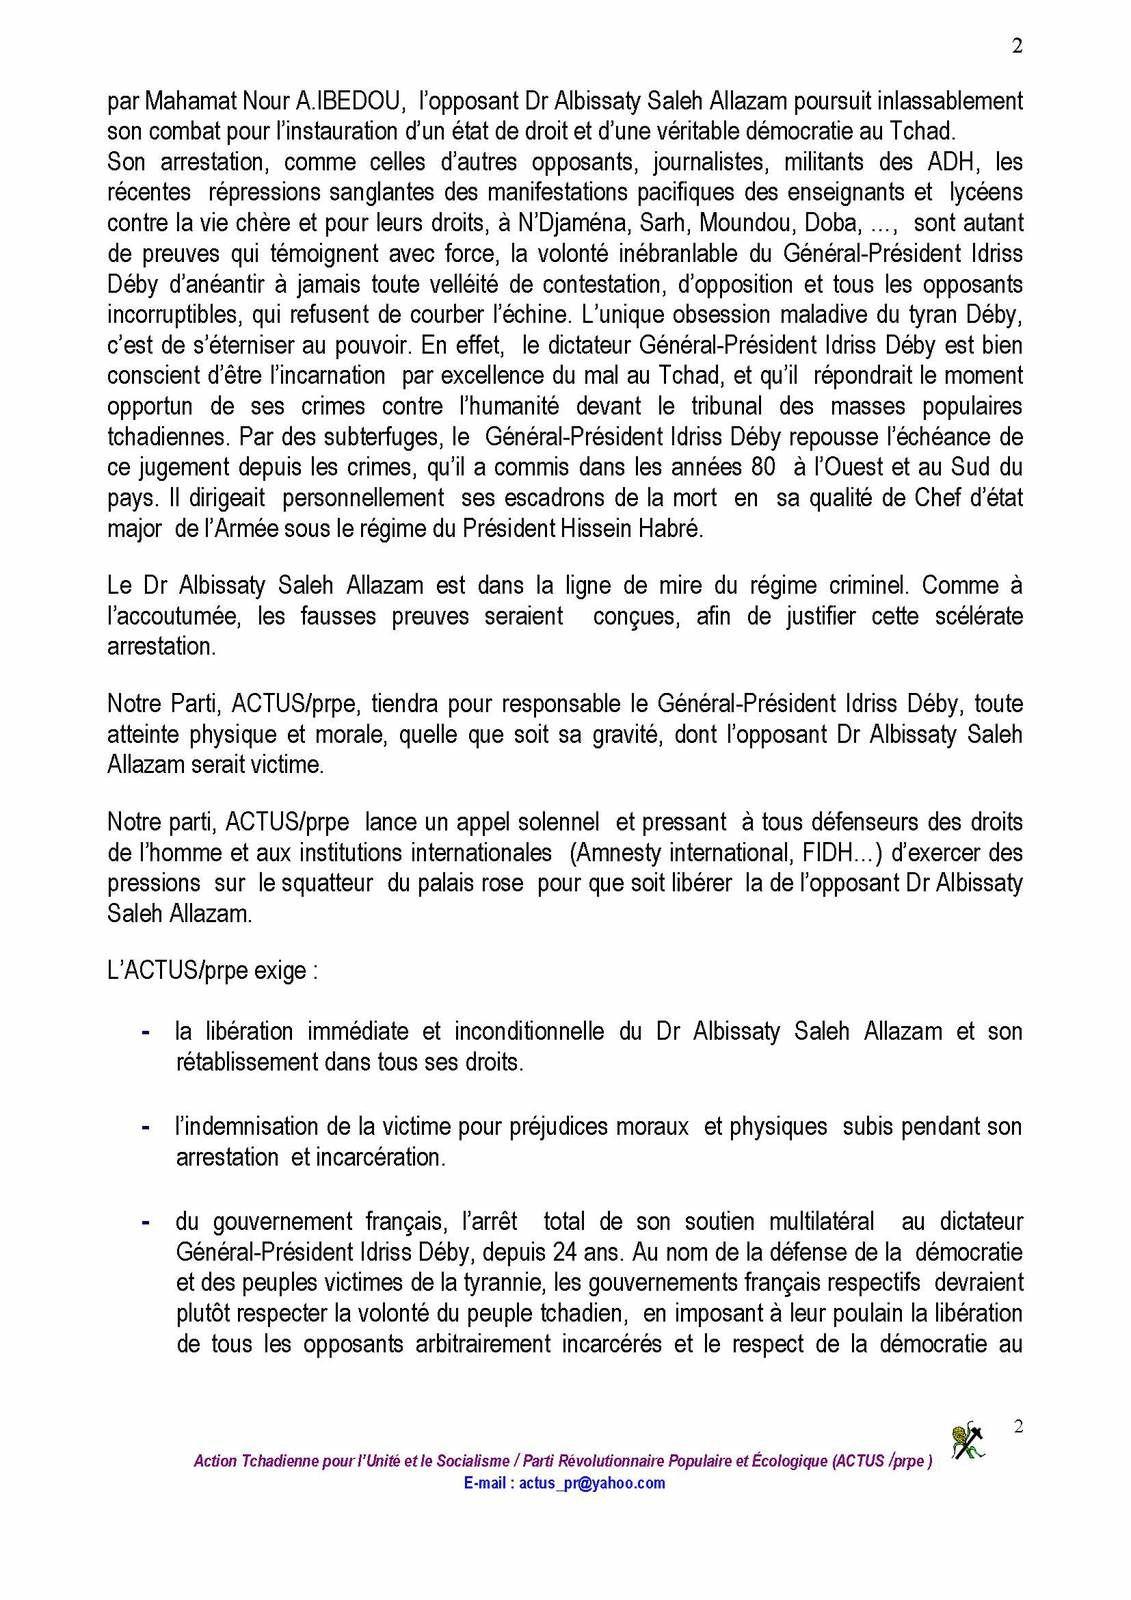 Tchad: l'ACTUS/prpe dénonce les tueries des manifestants pacifiques et incarcérations arbitraires d'opposants par le Général-Président Idriss Deby